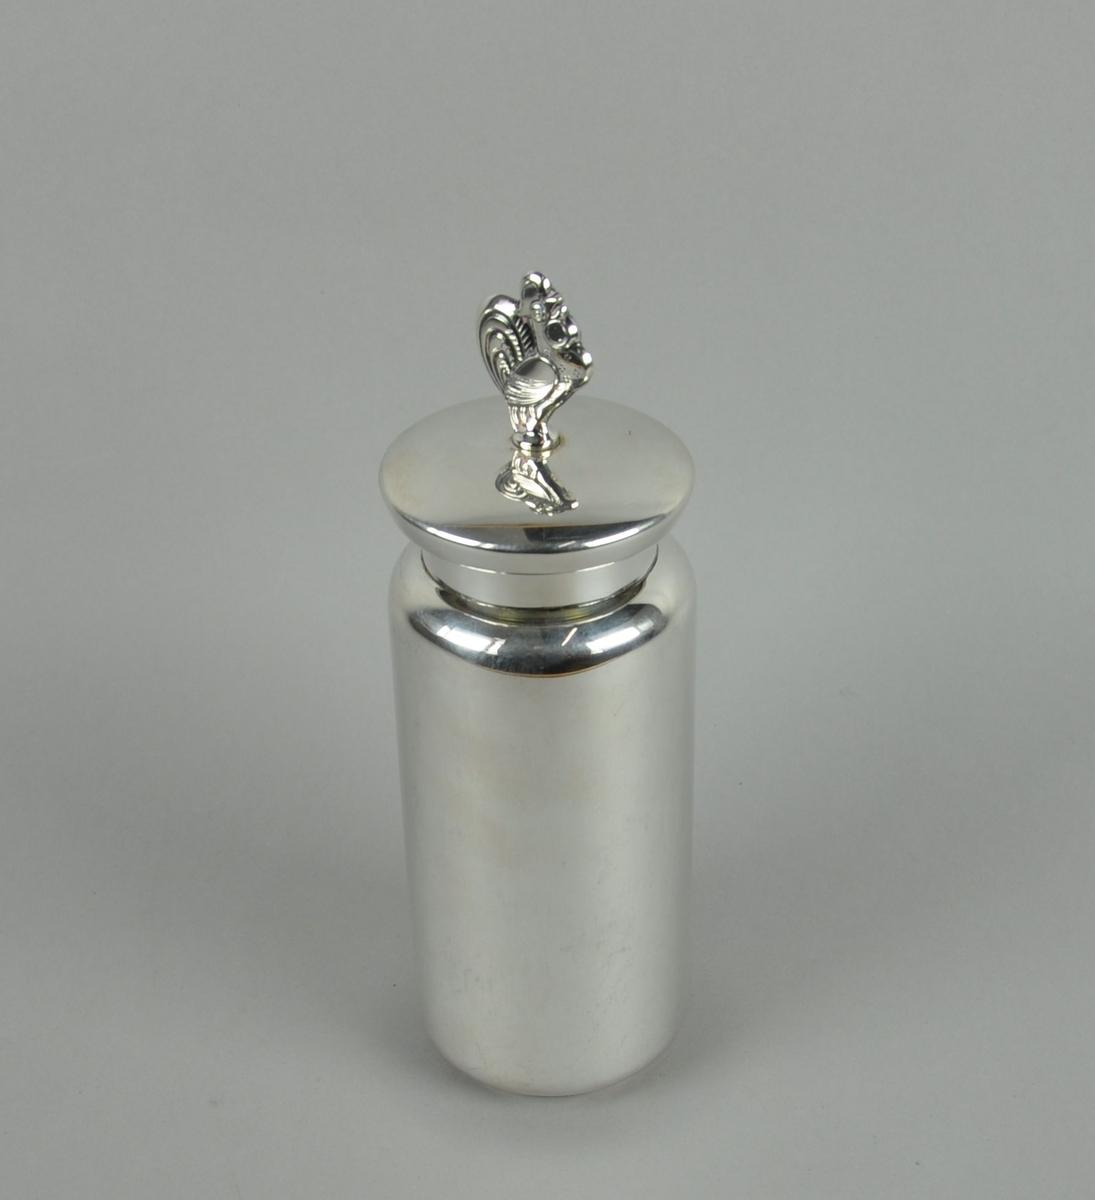 Coctailmikser av sølv. Har sylindrisk form med lokk. På lokket er det en knott som forestiller en hane.